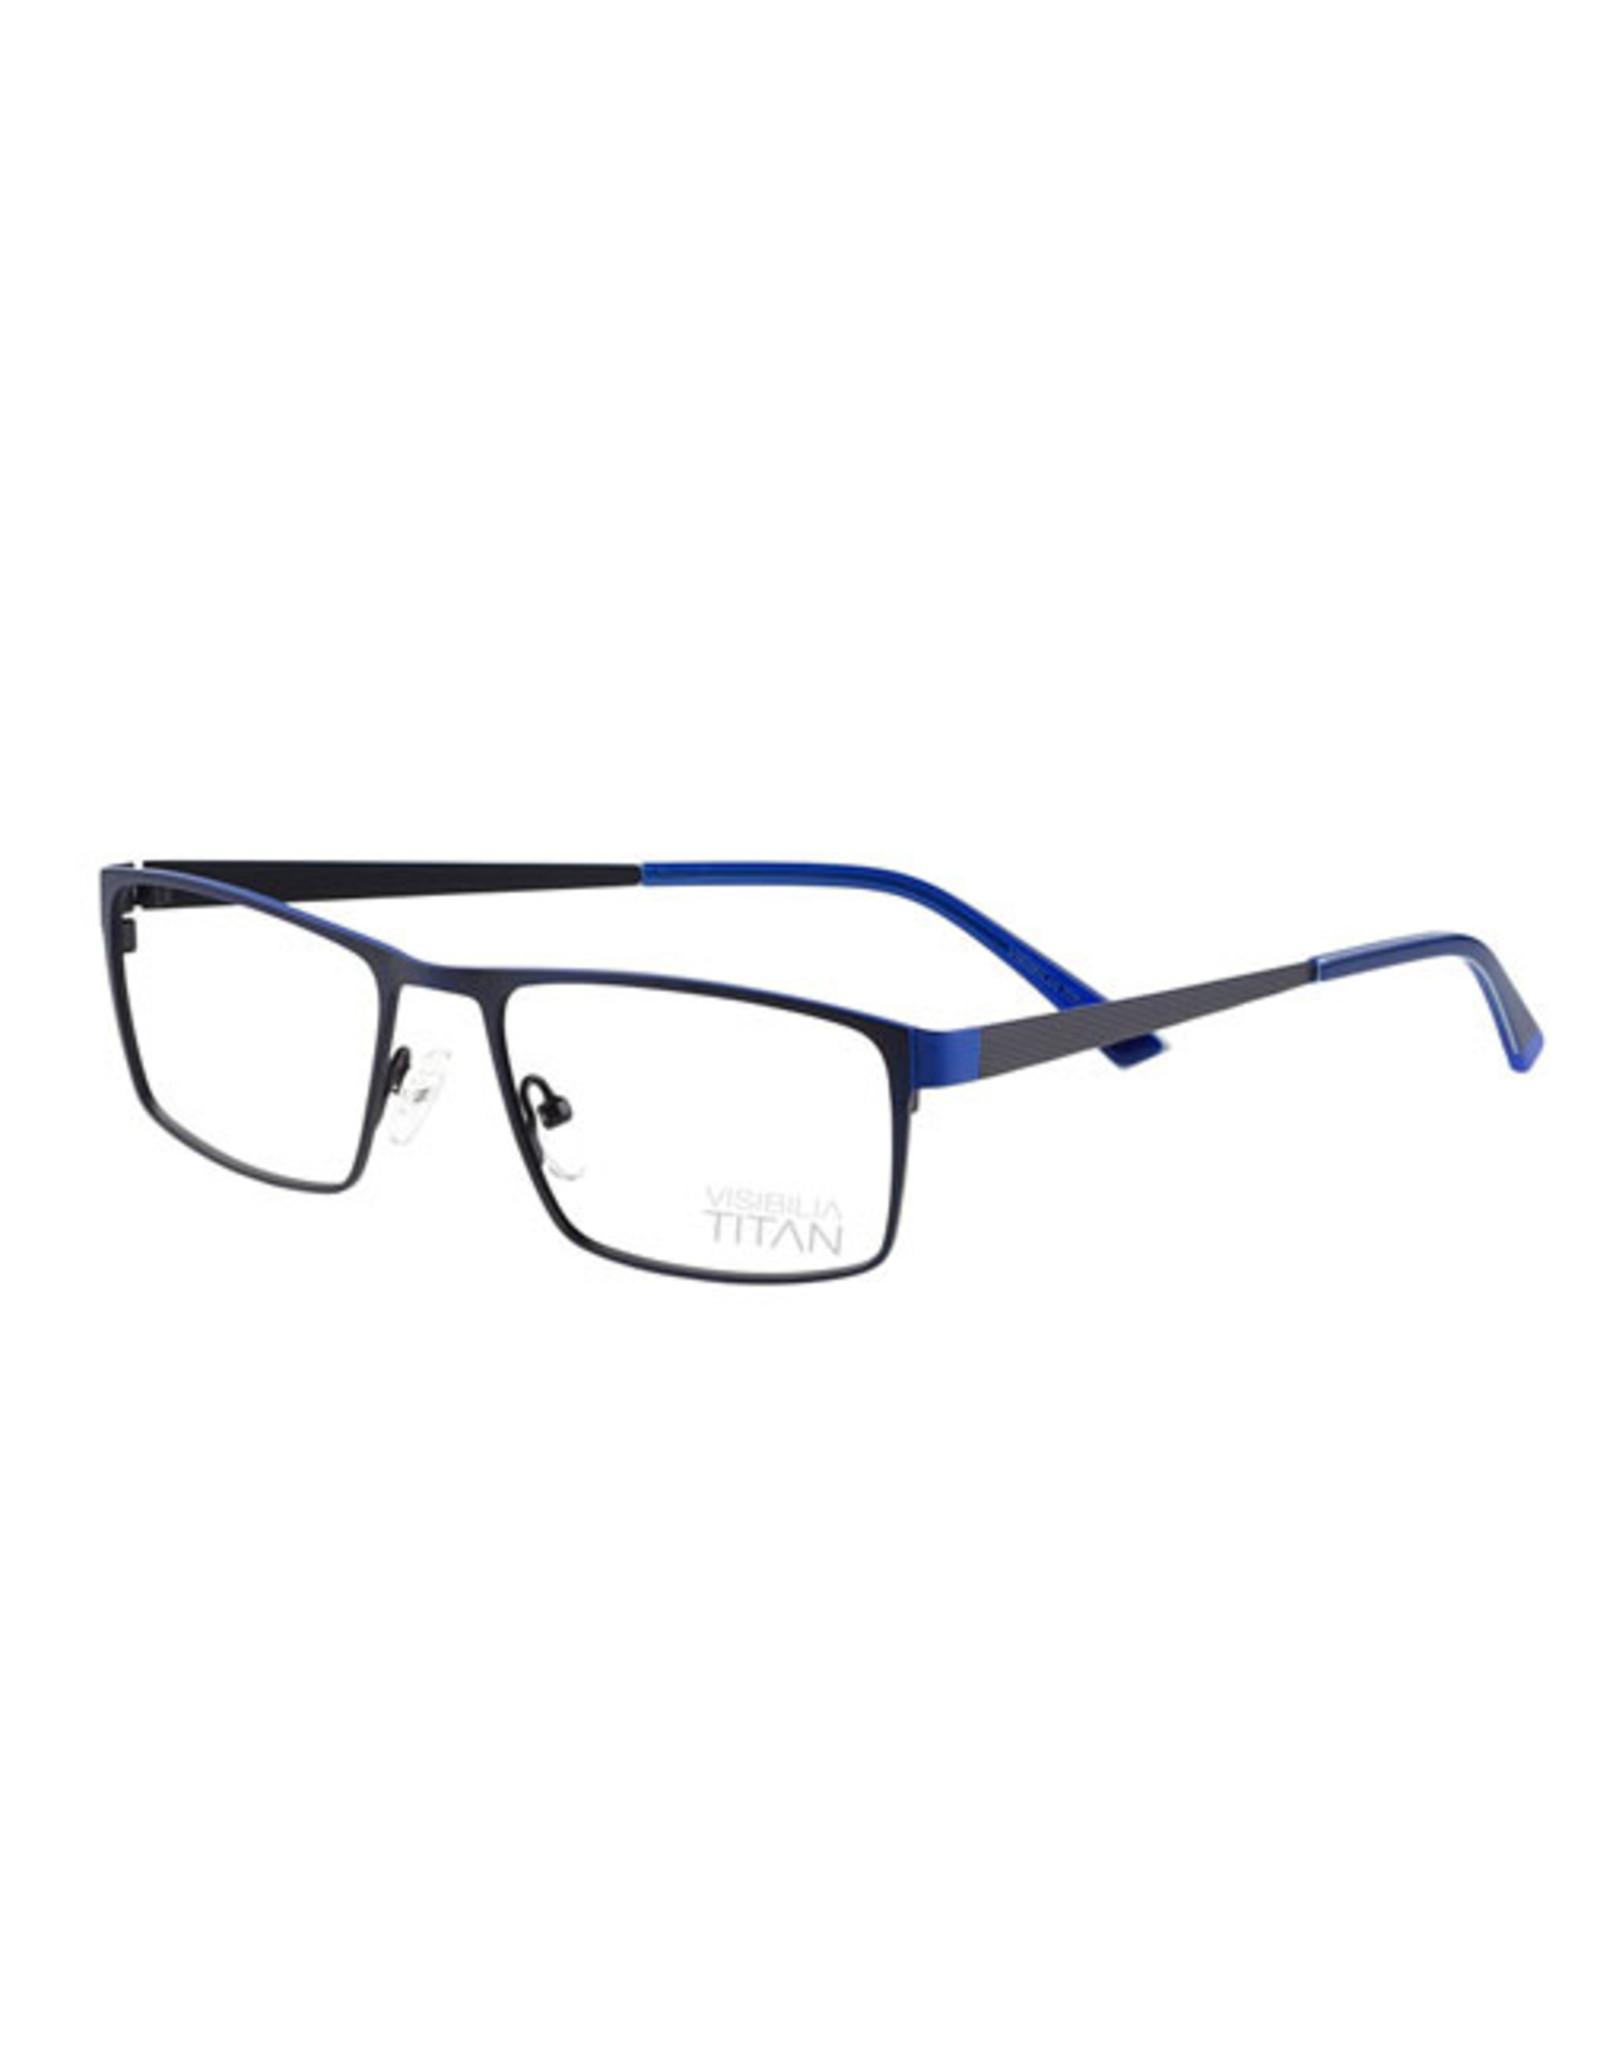 Moxxi Titan 33342 477 (darkblue blue)